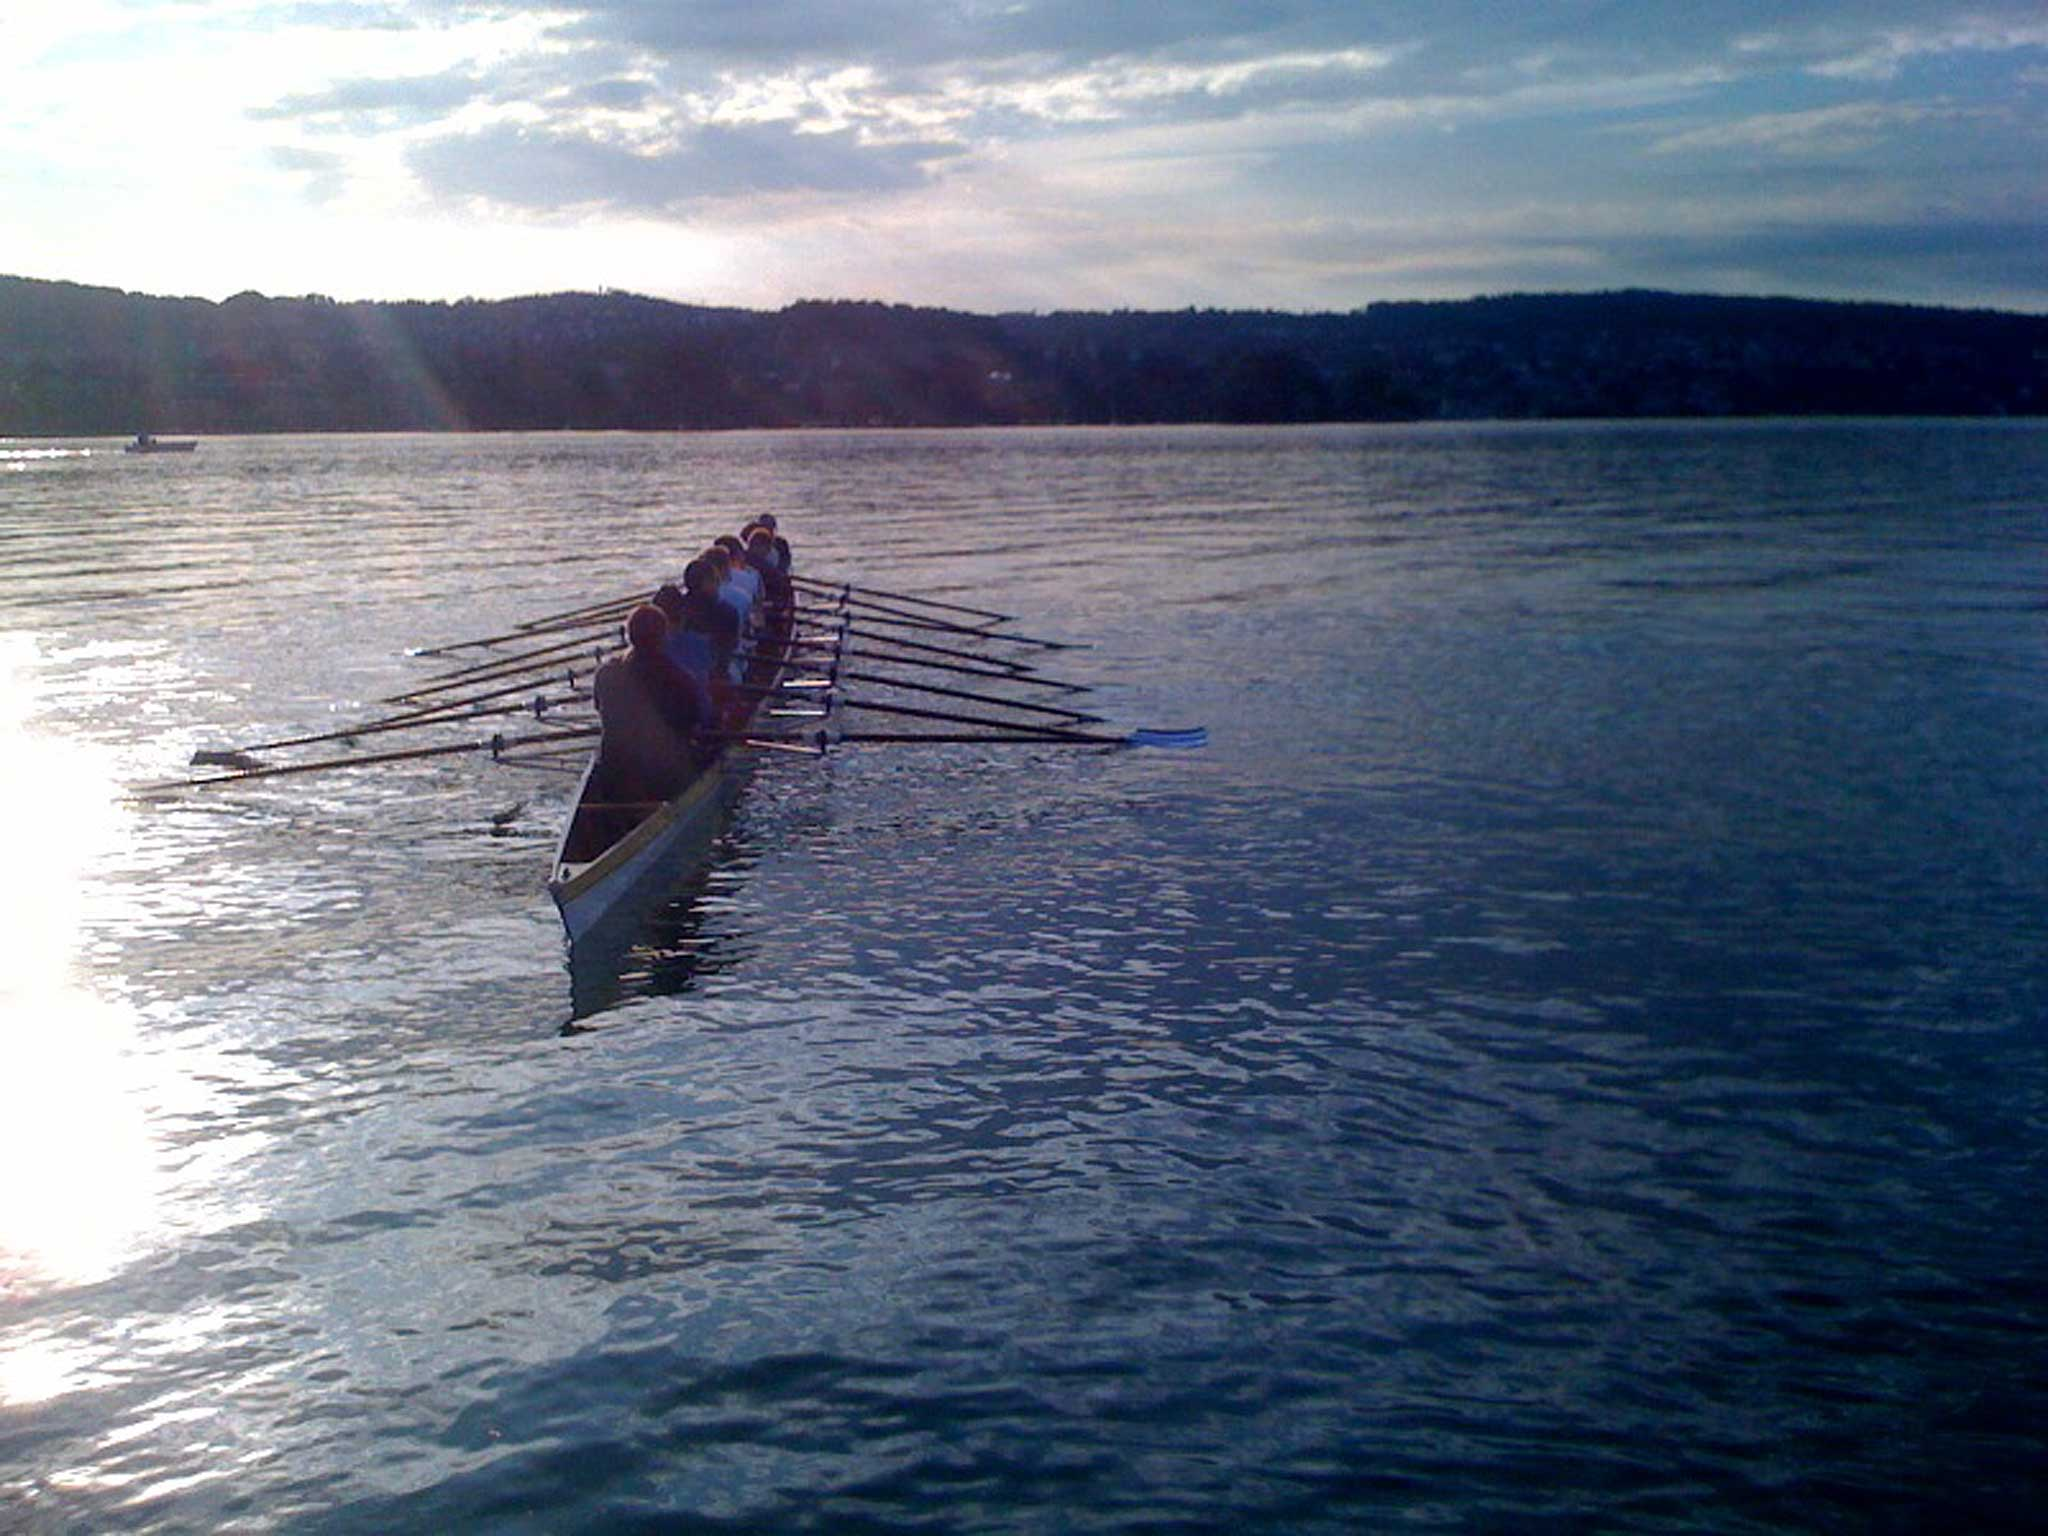 Aus Spaß an der Freude, aber auch um die Unternehmenskultur zu stärken, geht die Mannschaft von Freitag jede Woche einmal morgens früh auf den Zürichsee.